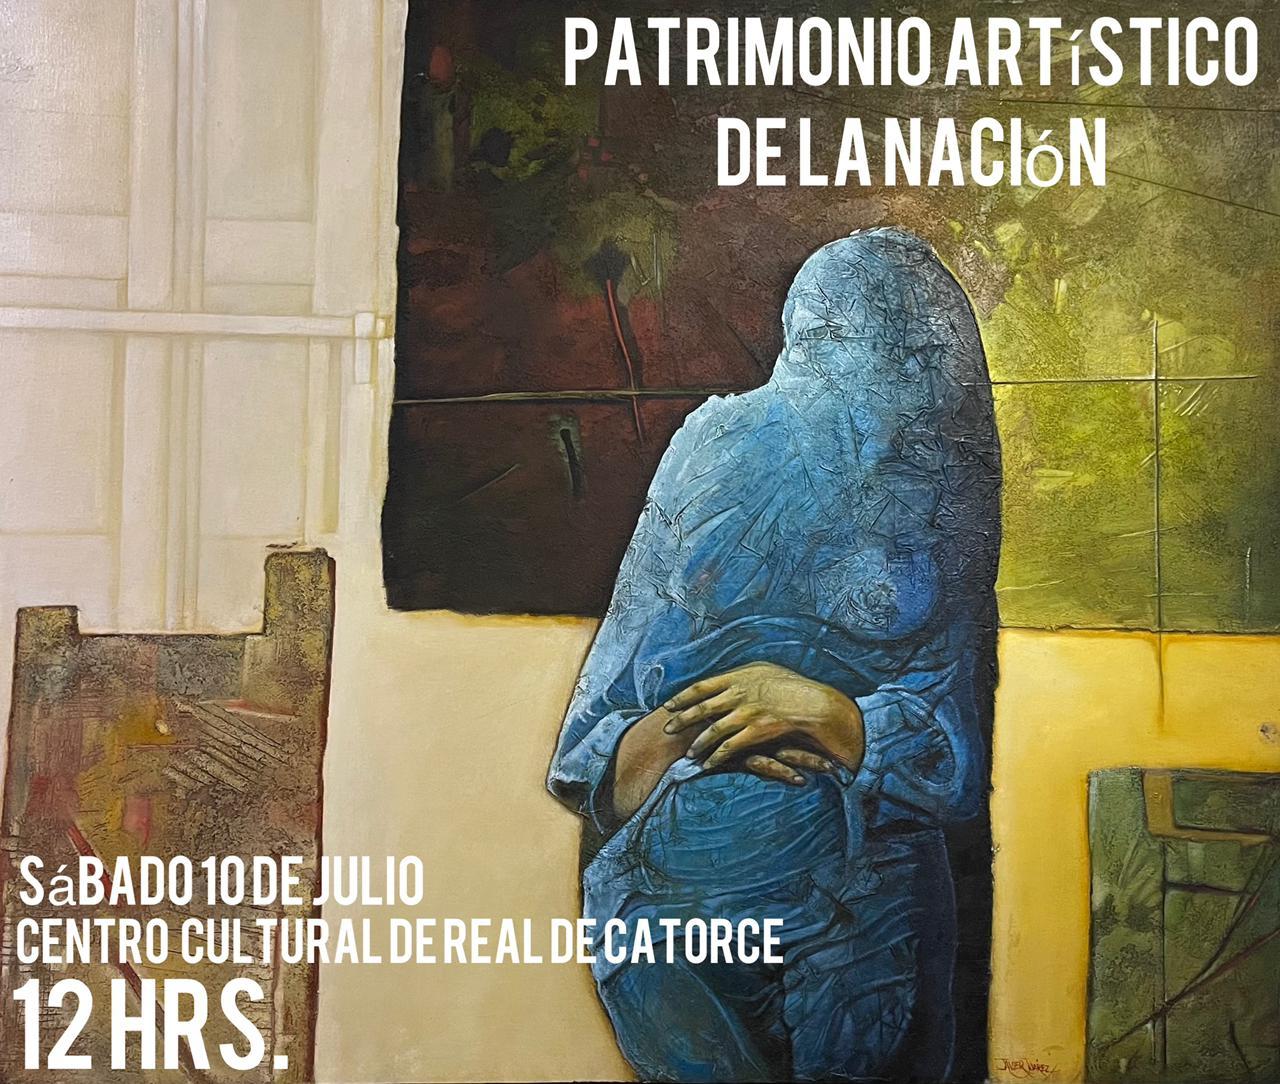 Patrimonio Artístico de la Nación en Real de Catorce